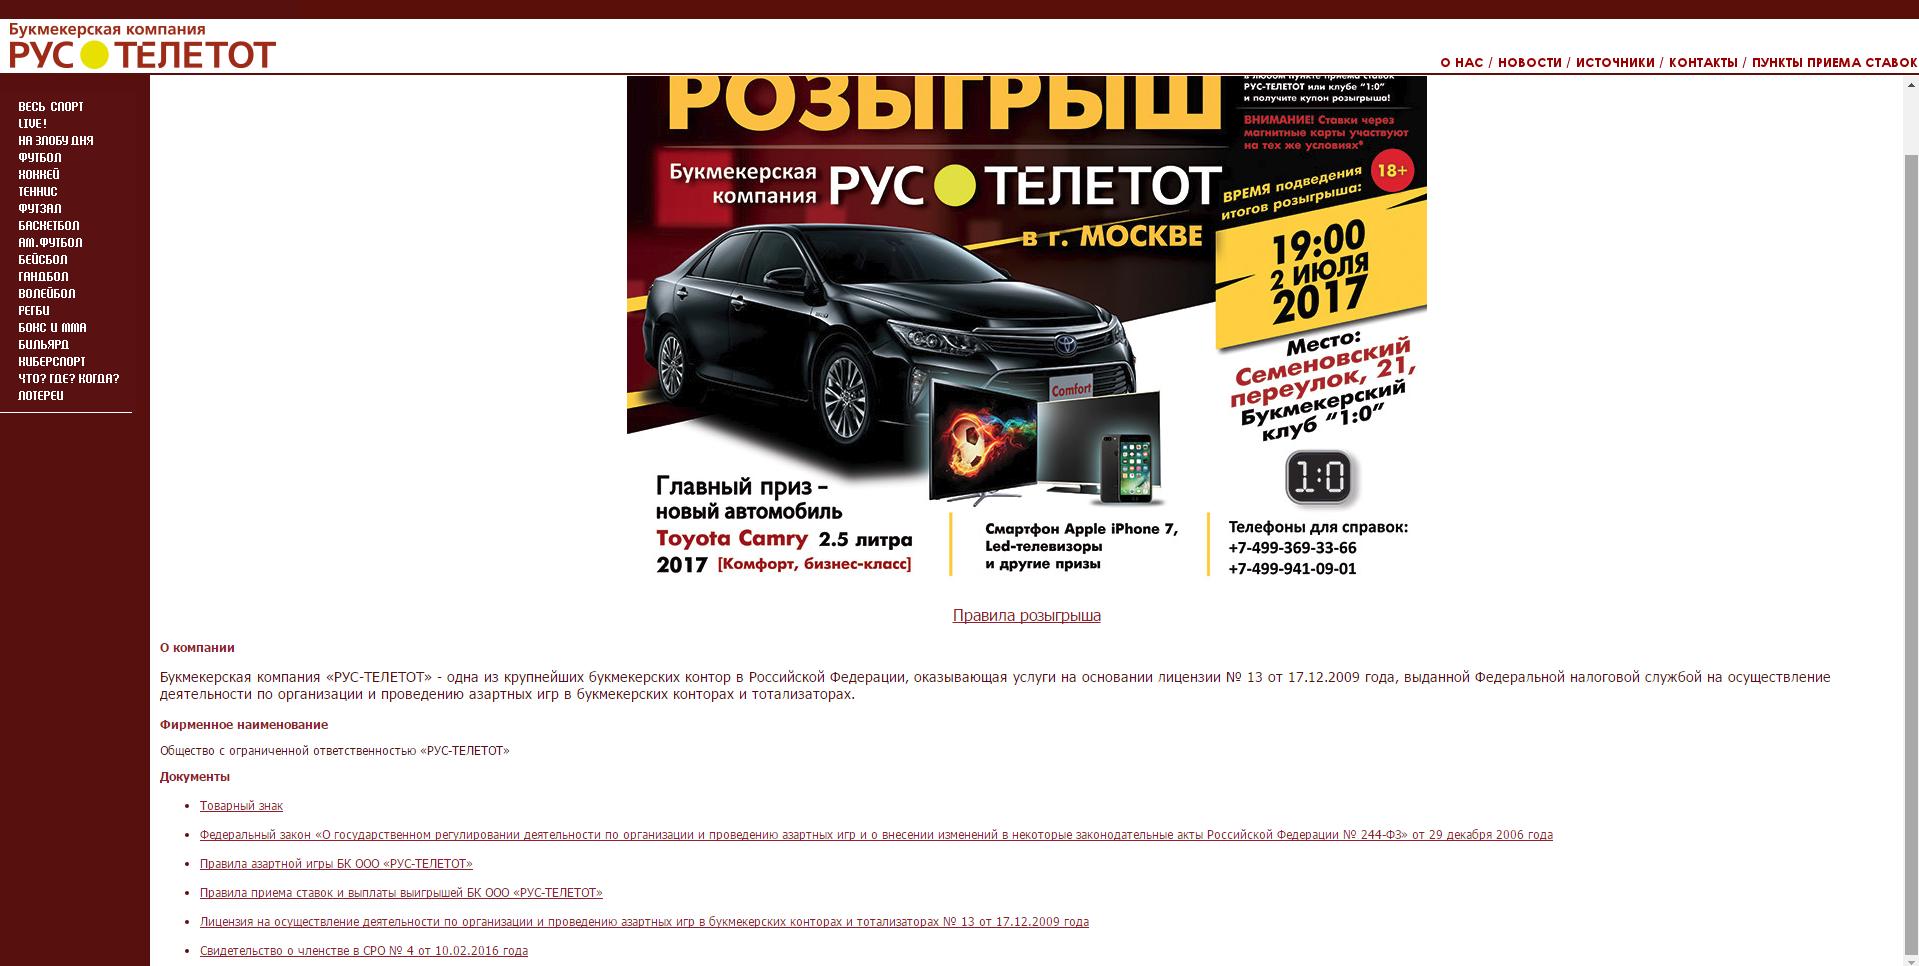 Официальный сайт букмекерской конторы Рус-Телетот